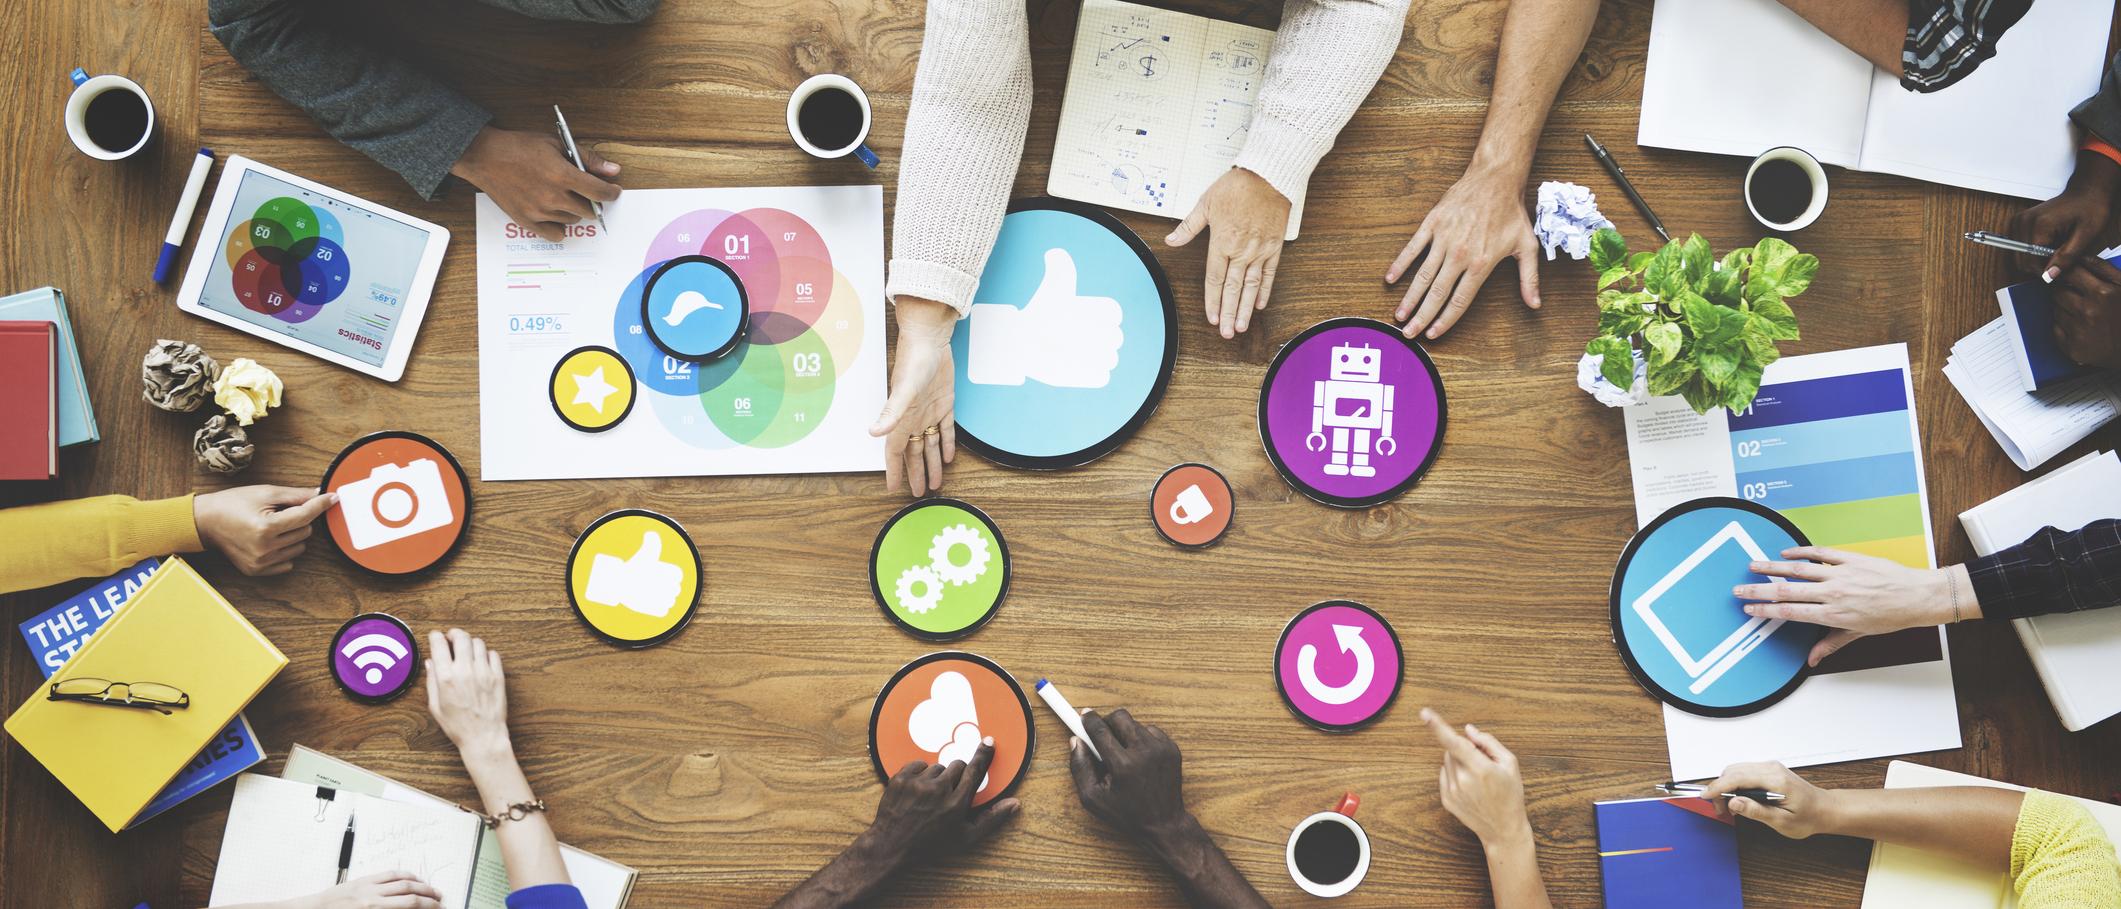 social media symbols on table.